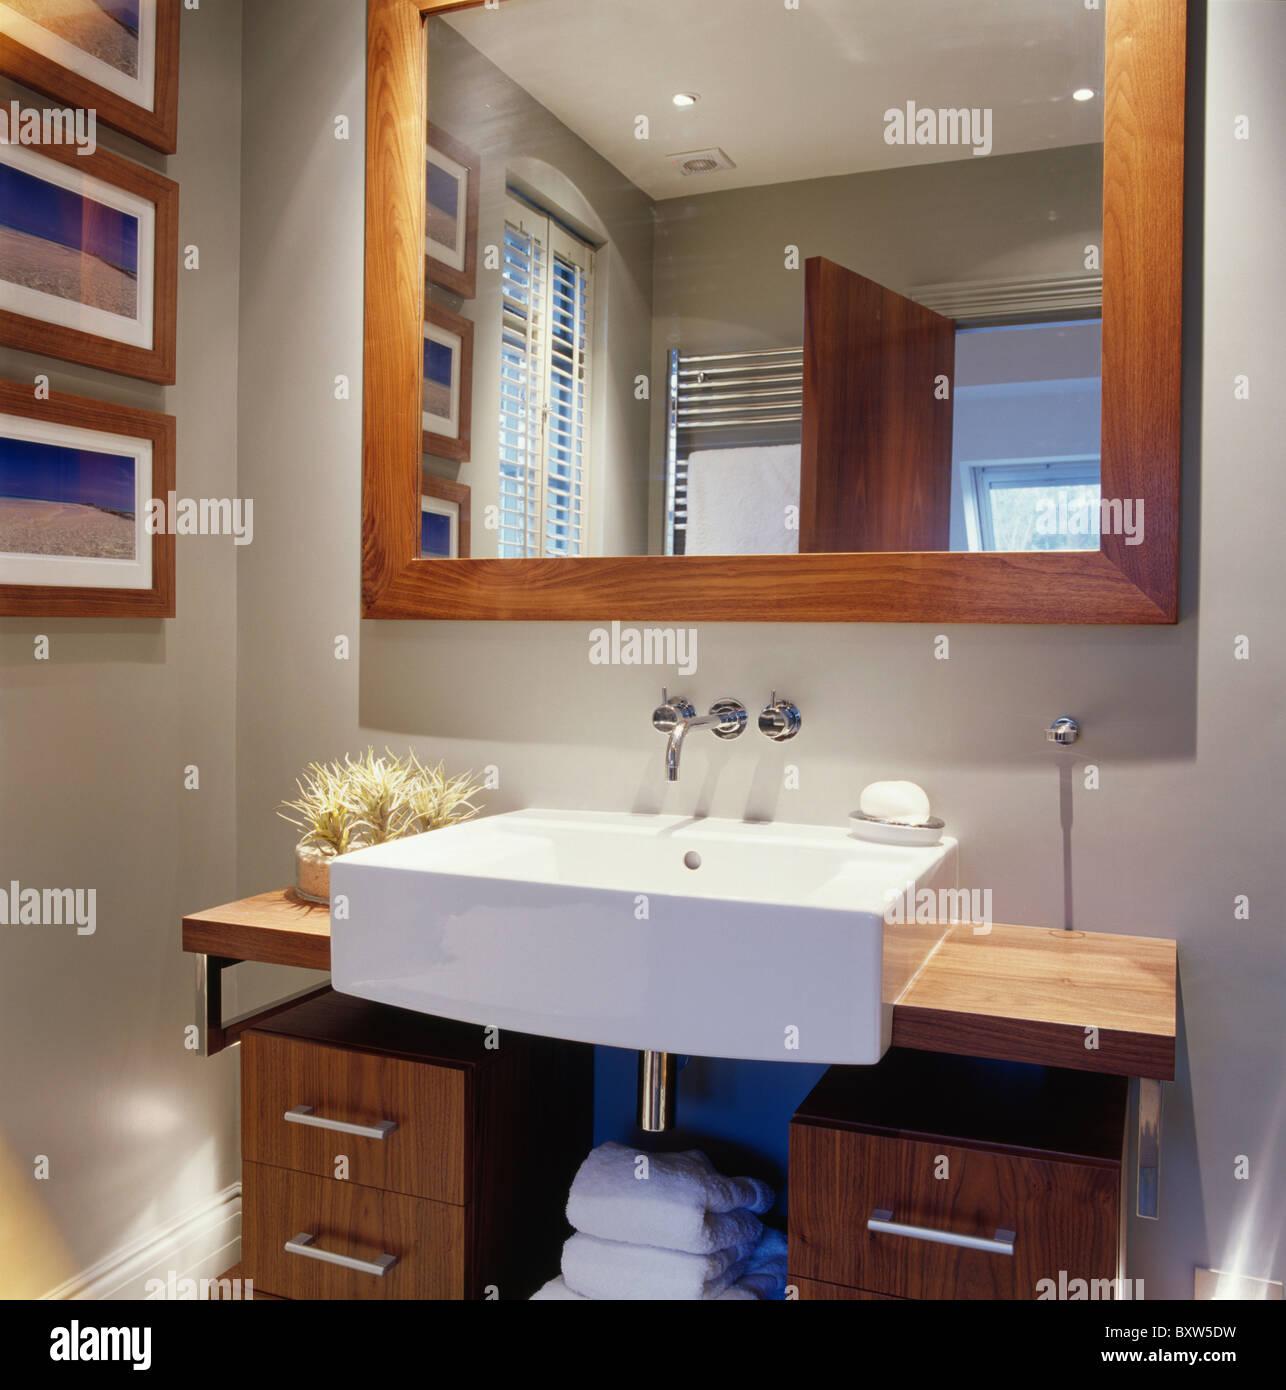 Audacieuse Grand miroir au cadre en bois au-dessus du bassin rectangulaire RU-14